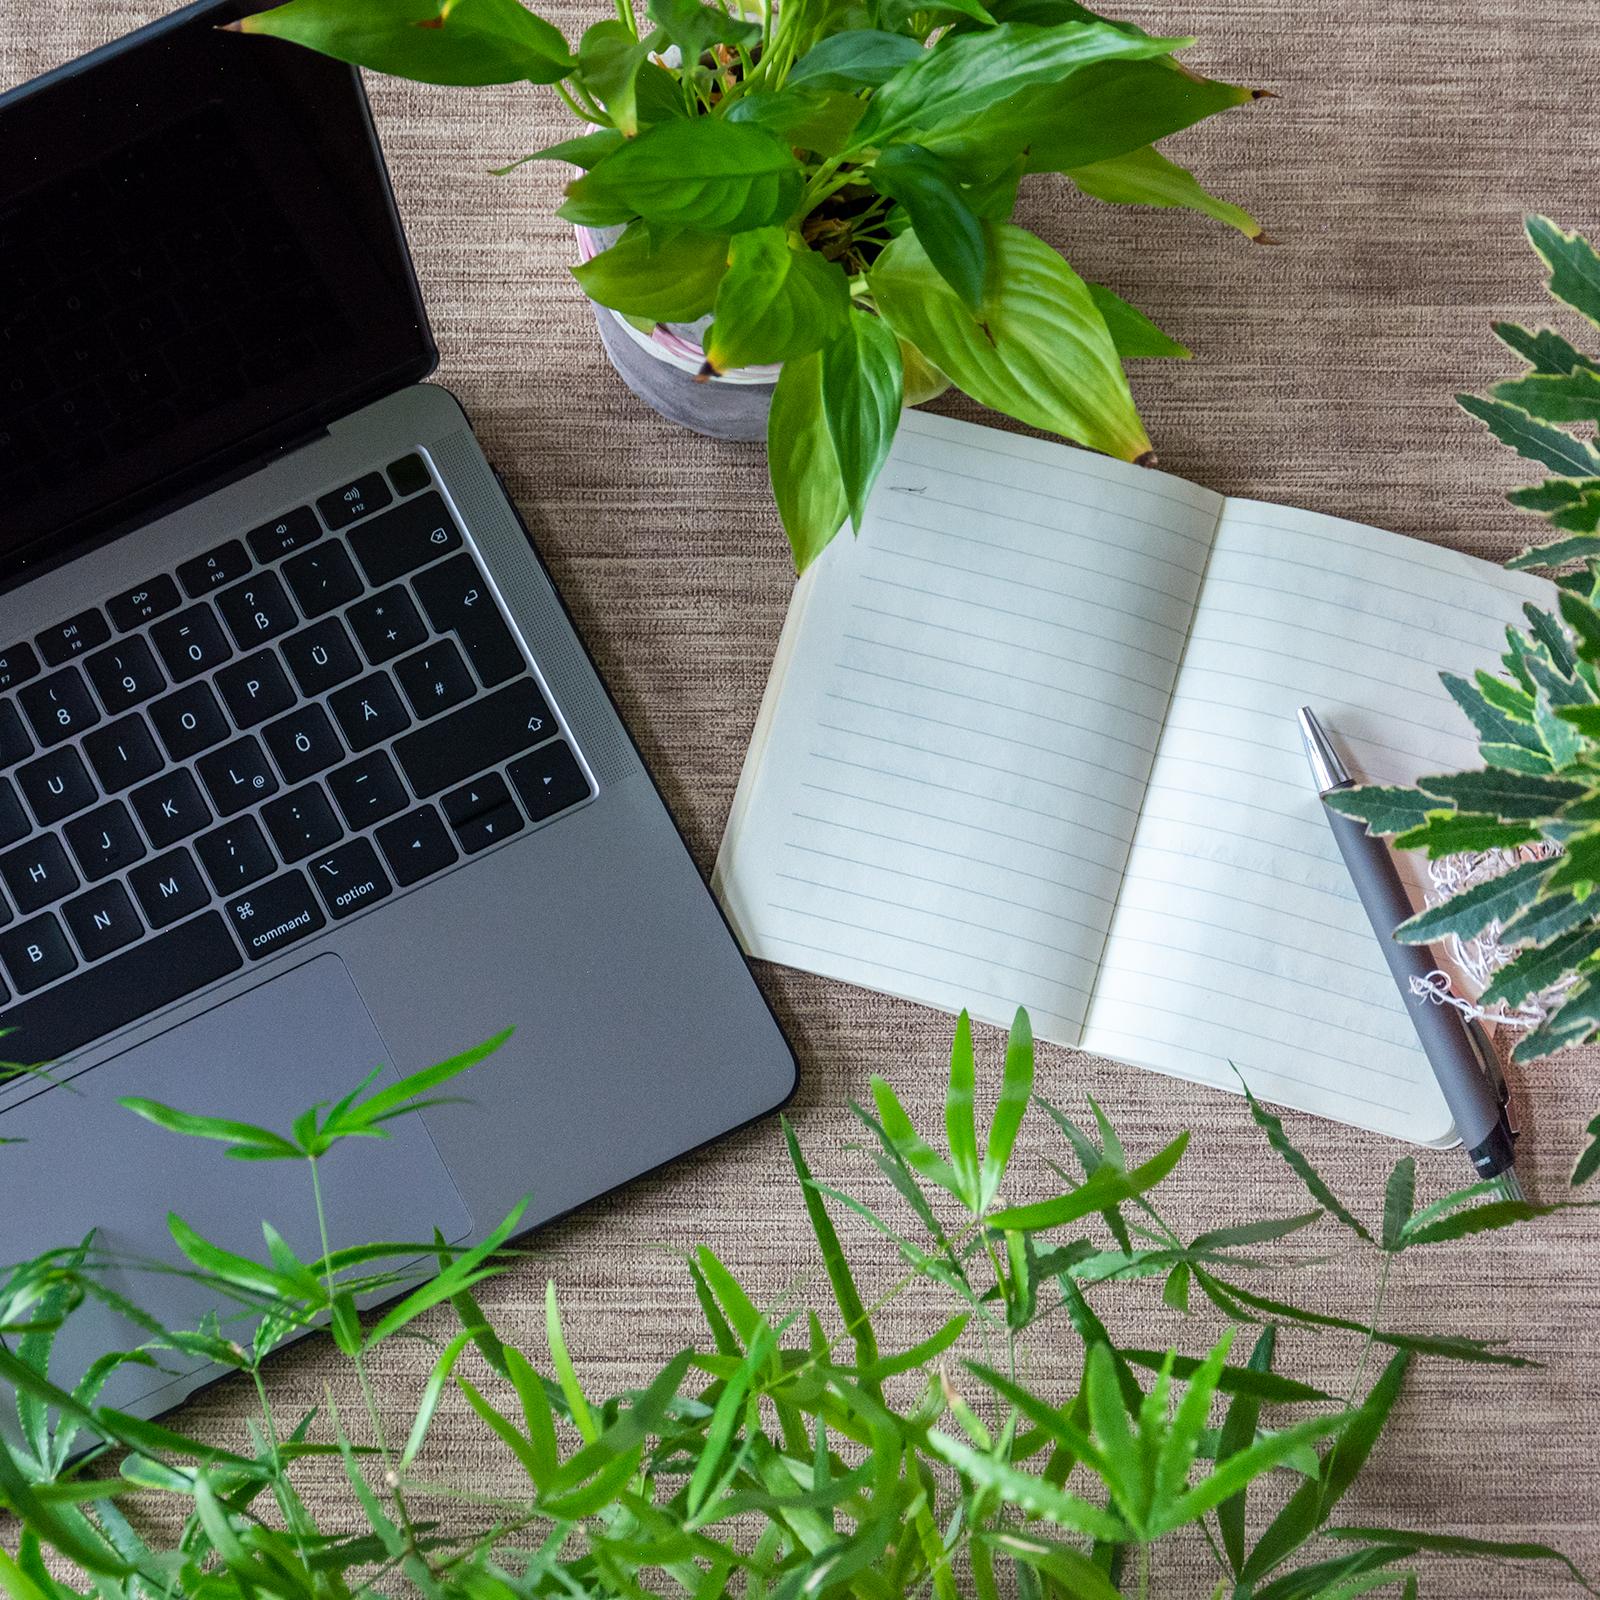 Arbeitsplatz; Büro; Schreibtisch; Nachhaltigkeit; Nachhaltige Entwicklung; Pflanzen